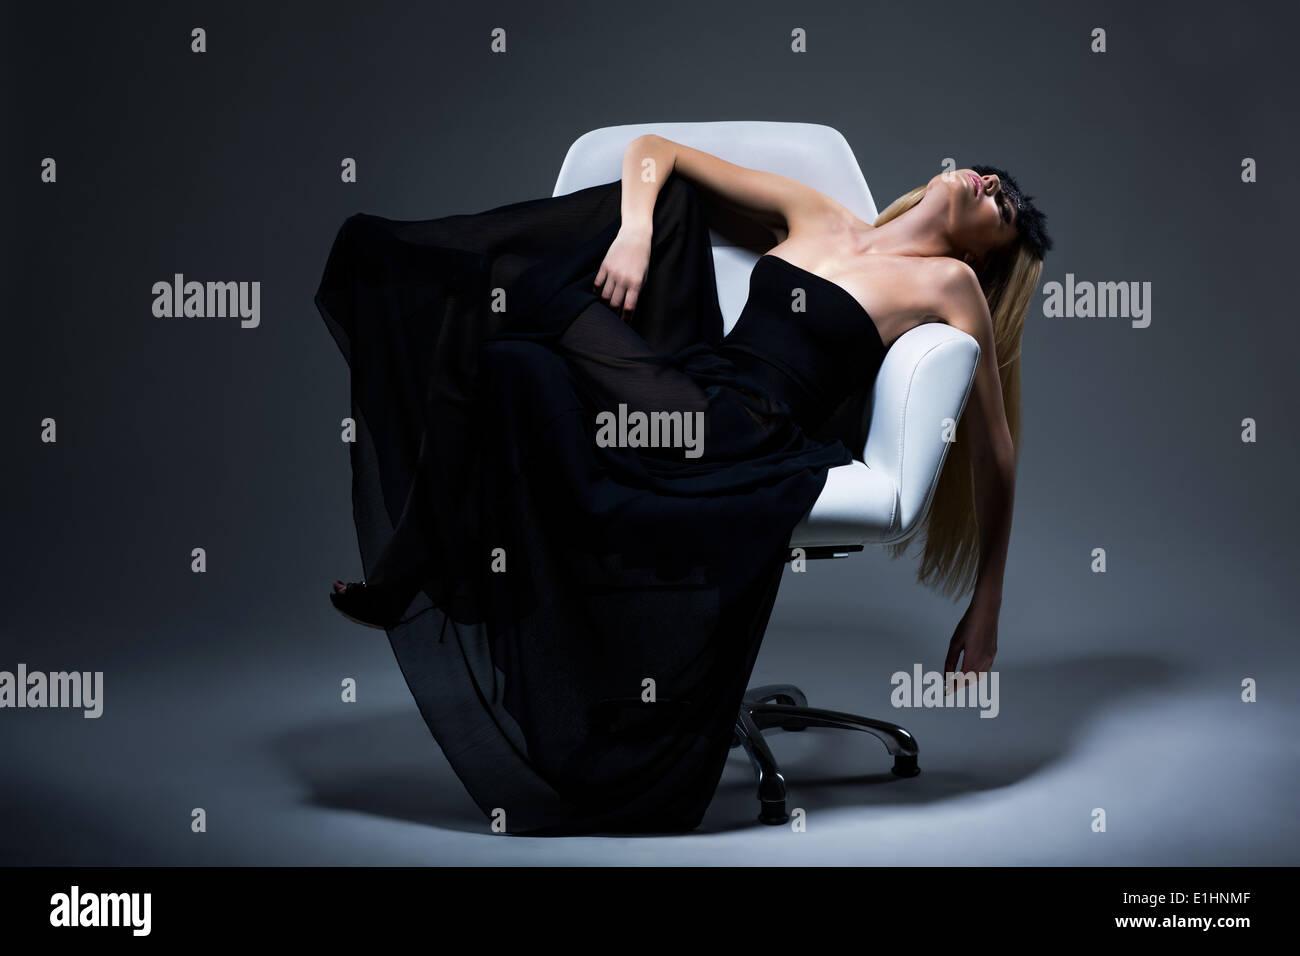 Armonia e sensualità. Romantico femmina bionda in abito nero di riposo in poltrona. Soddisfazione Immagini Stock